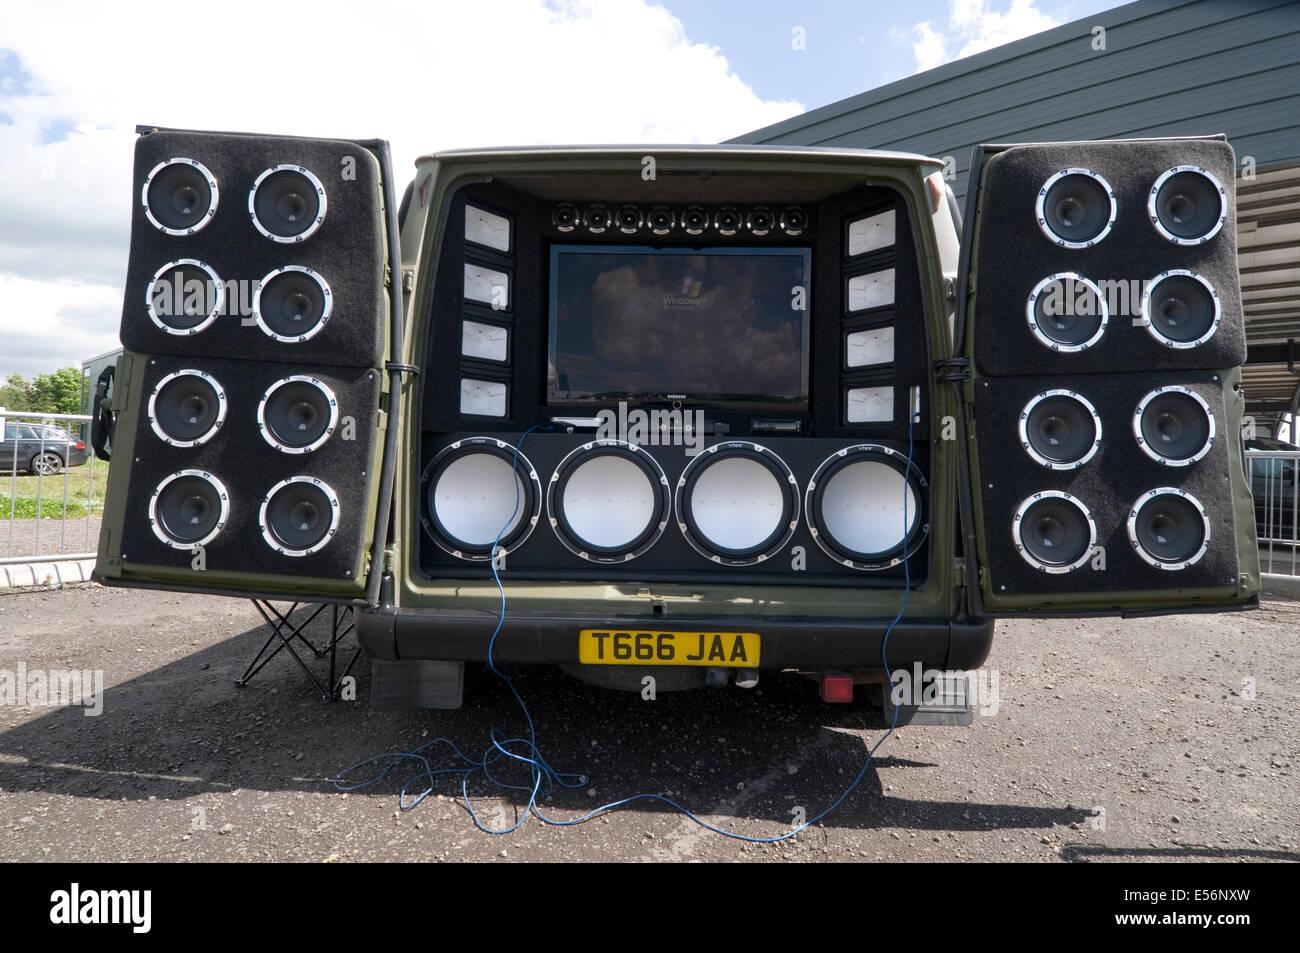 loud car stereo stereos music bass speaker speakers in car entertainment chav sub woofer treble tweeter tweeters - Stock Image